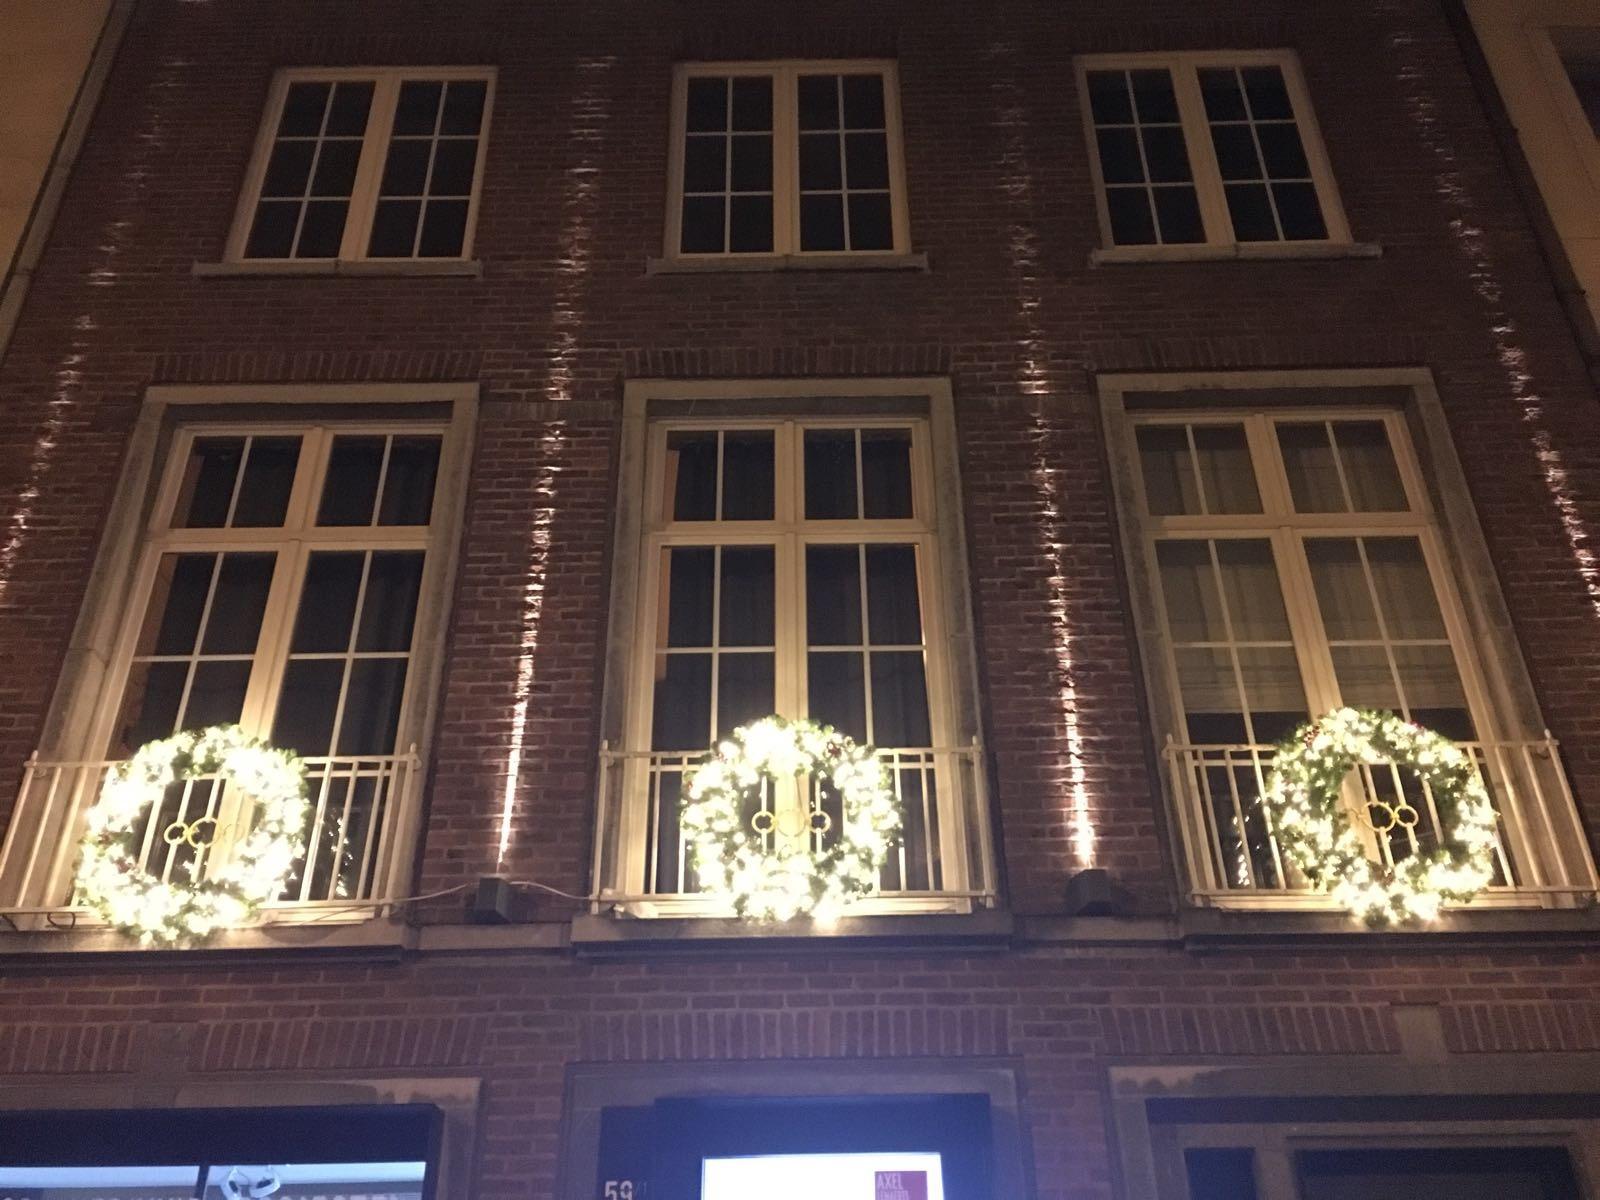 3 Kerstkransen diameter 90 cm met lichtjes en deco